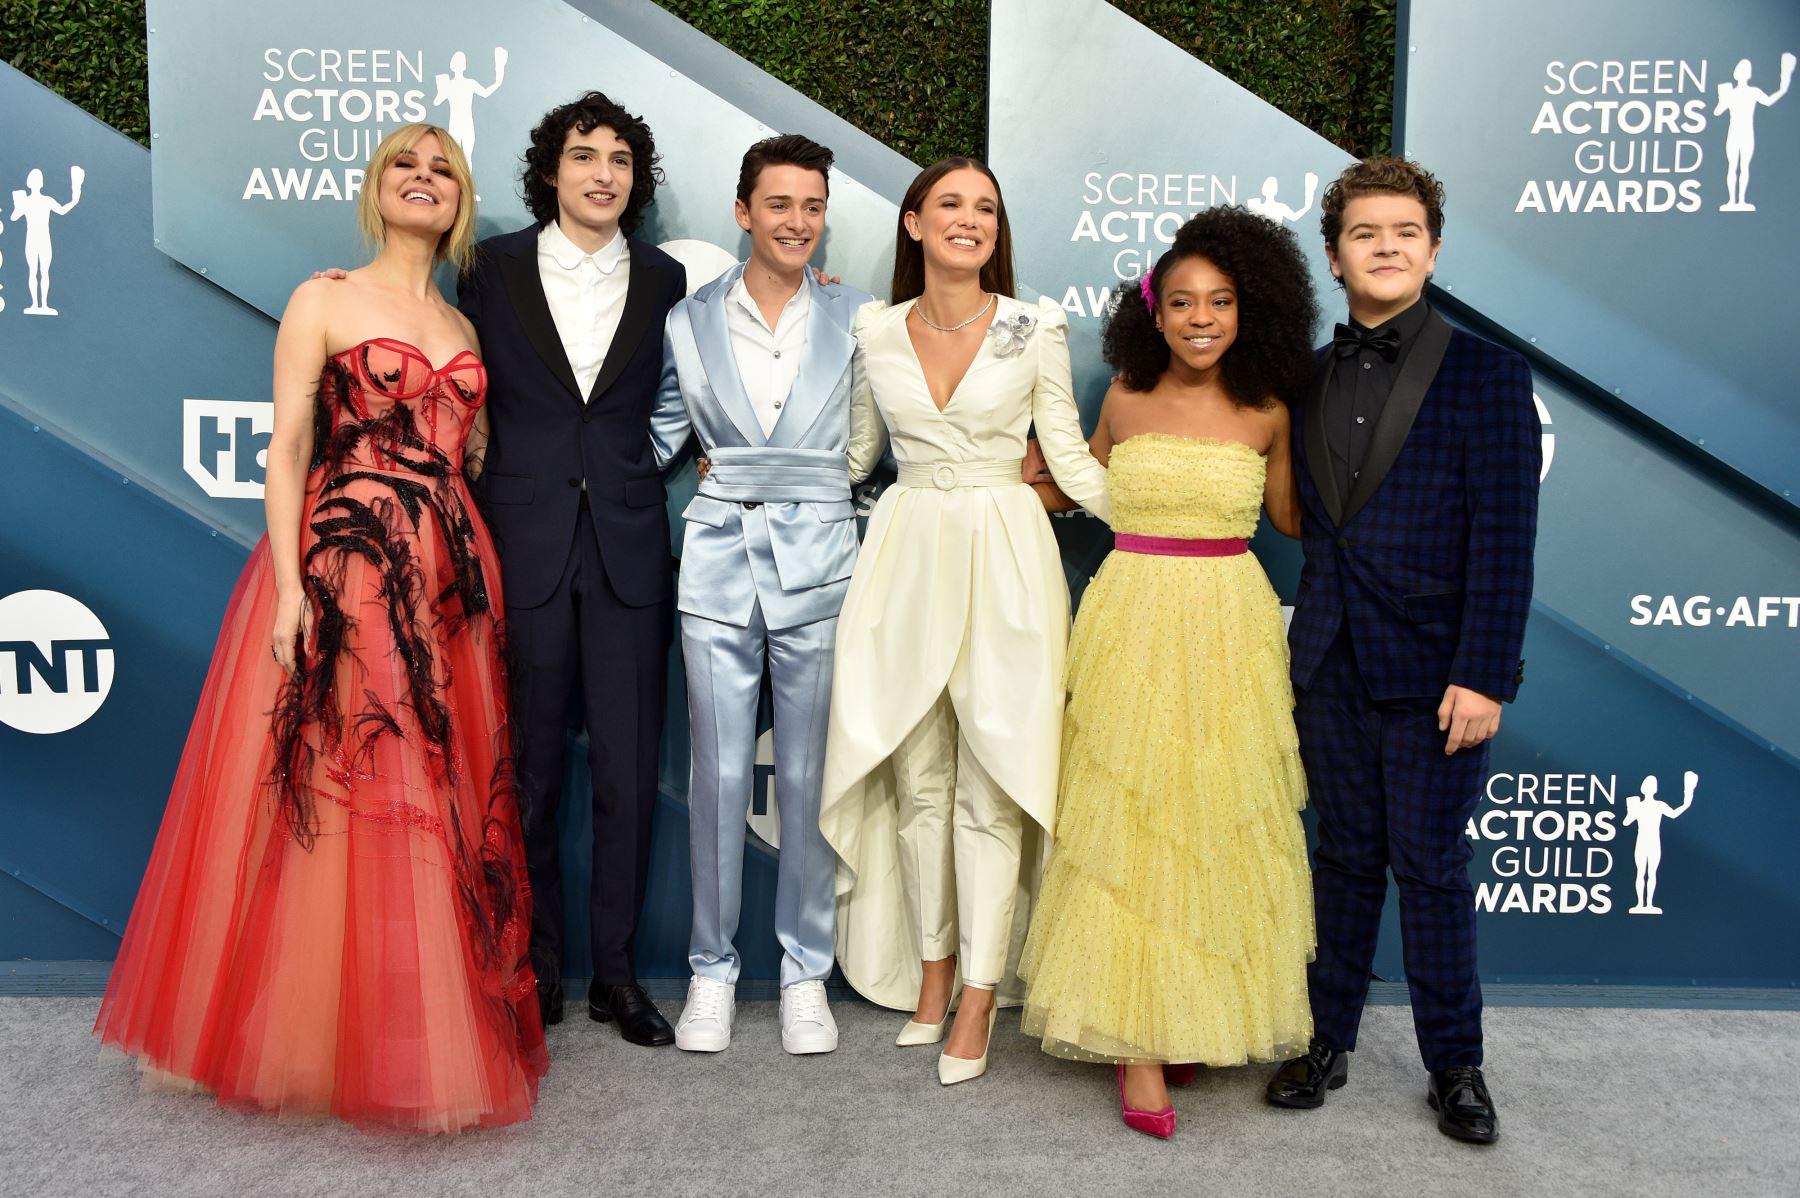 Cara Buono, Finn Wolfhard, Noah Schnapp, Millie Bobby Brown, Priah Ferguson y Gaten Matarazzo asisten a la 26 ° entrega anual de los premios Screen Actors Guild Awards. AFP